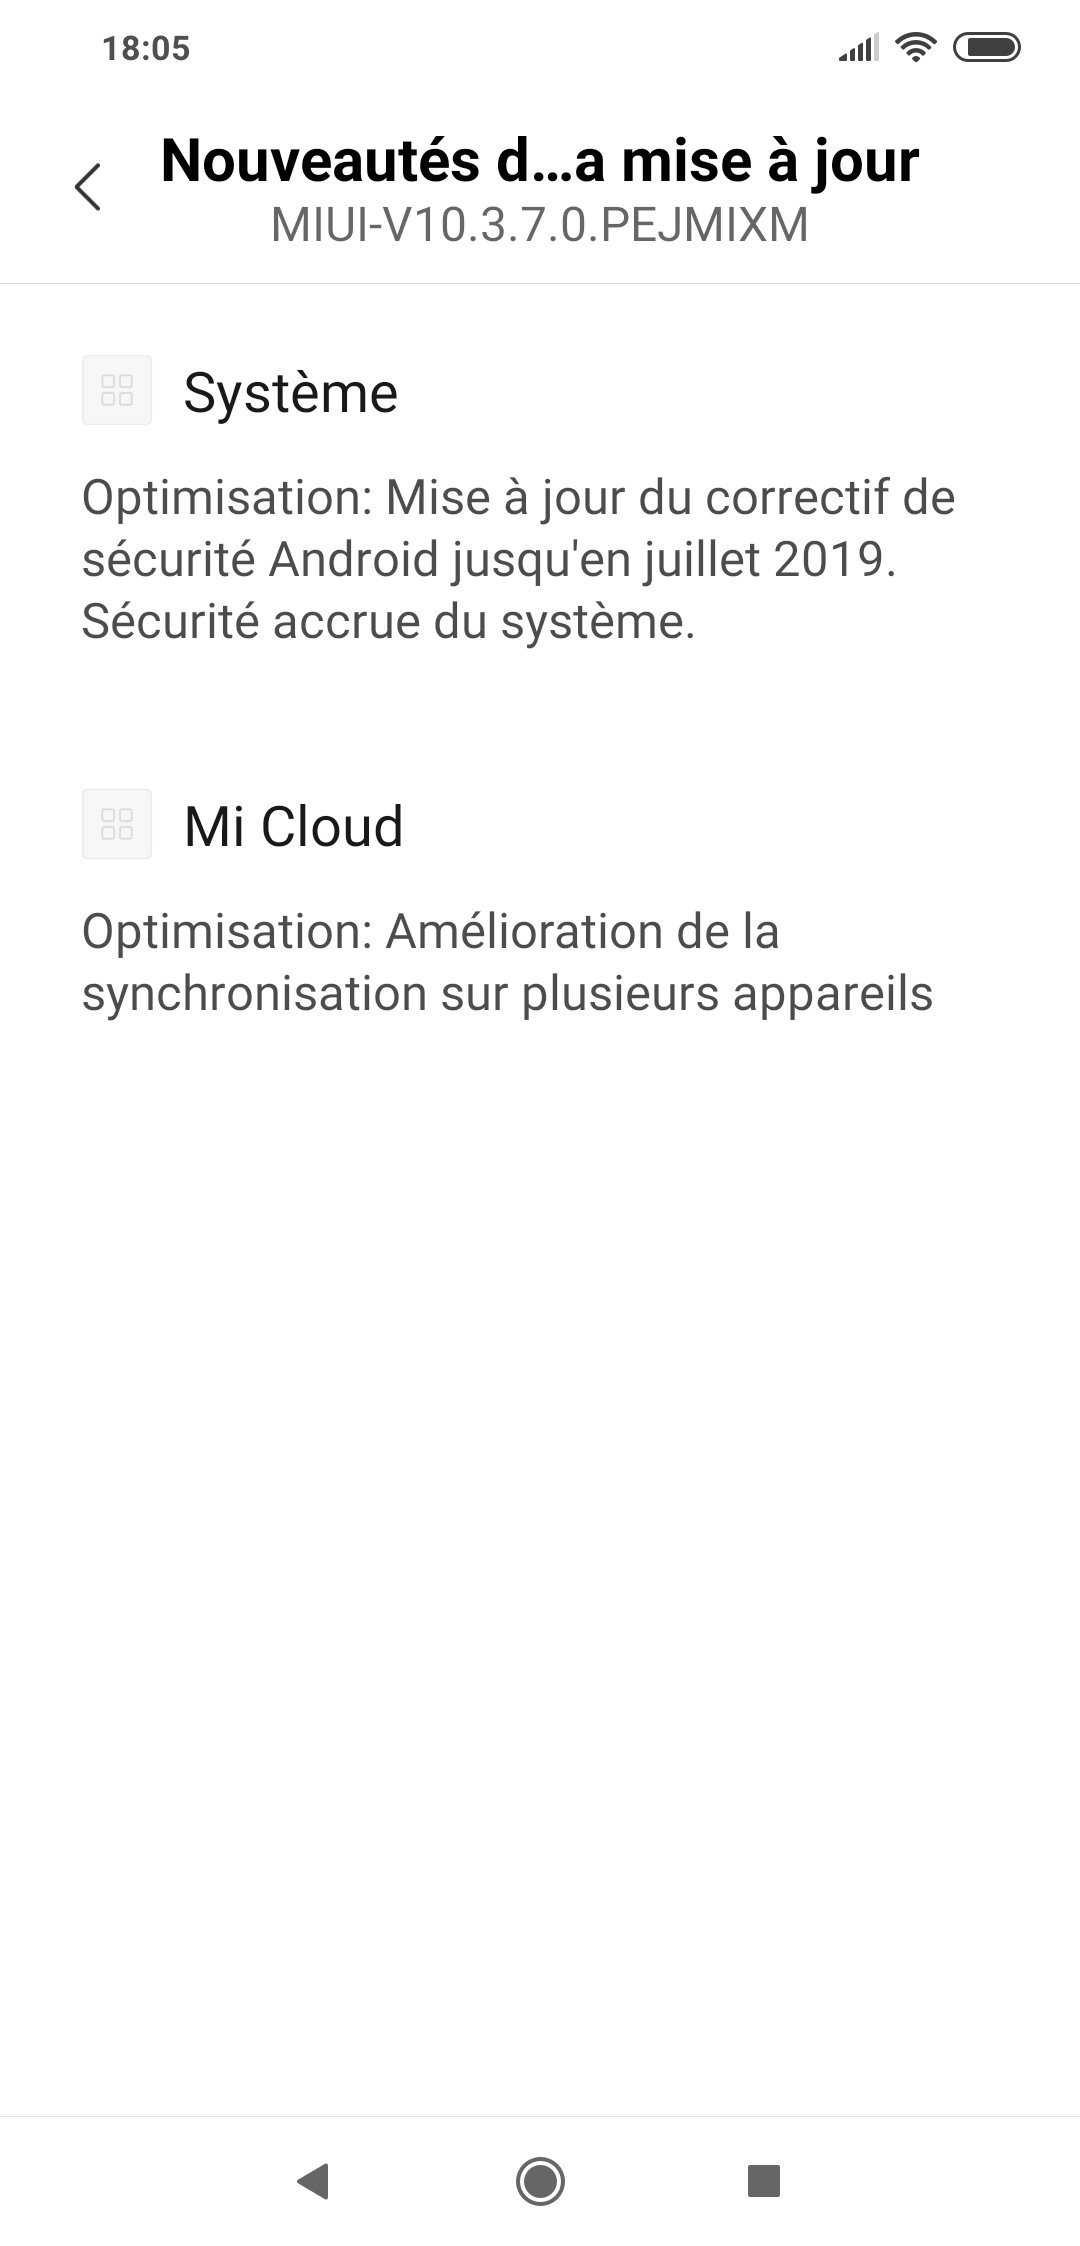 Screenshot_2019-08-27-18-05-25-169_com.android.updater.jpeg